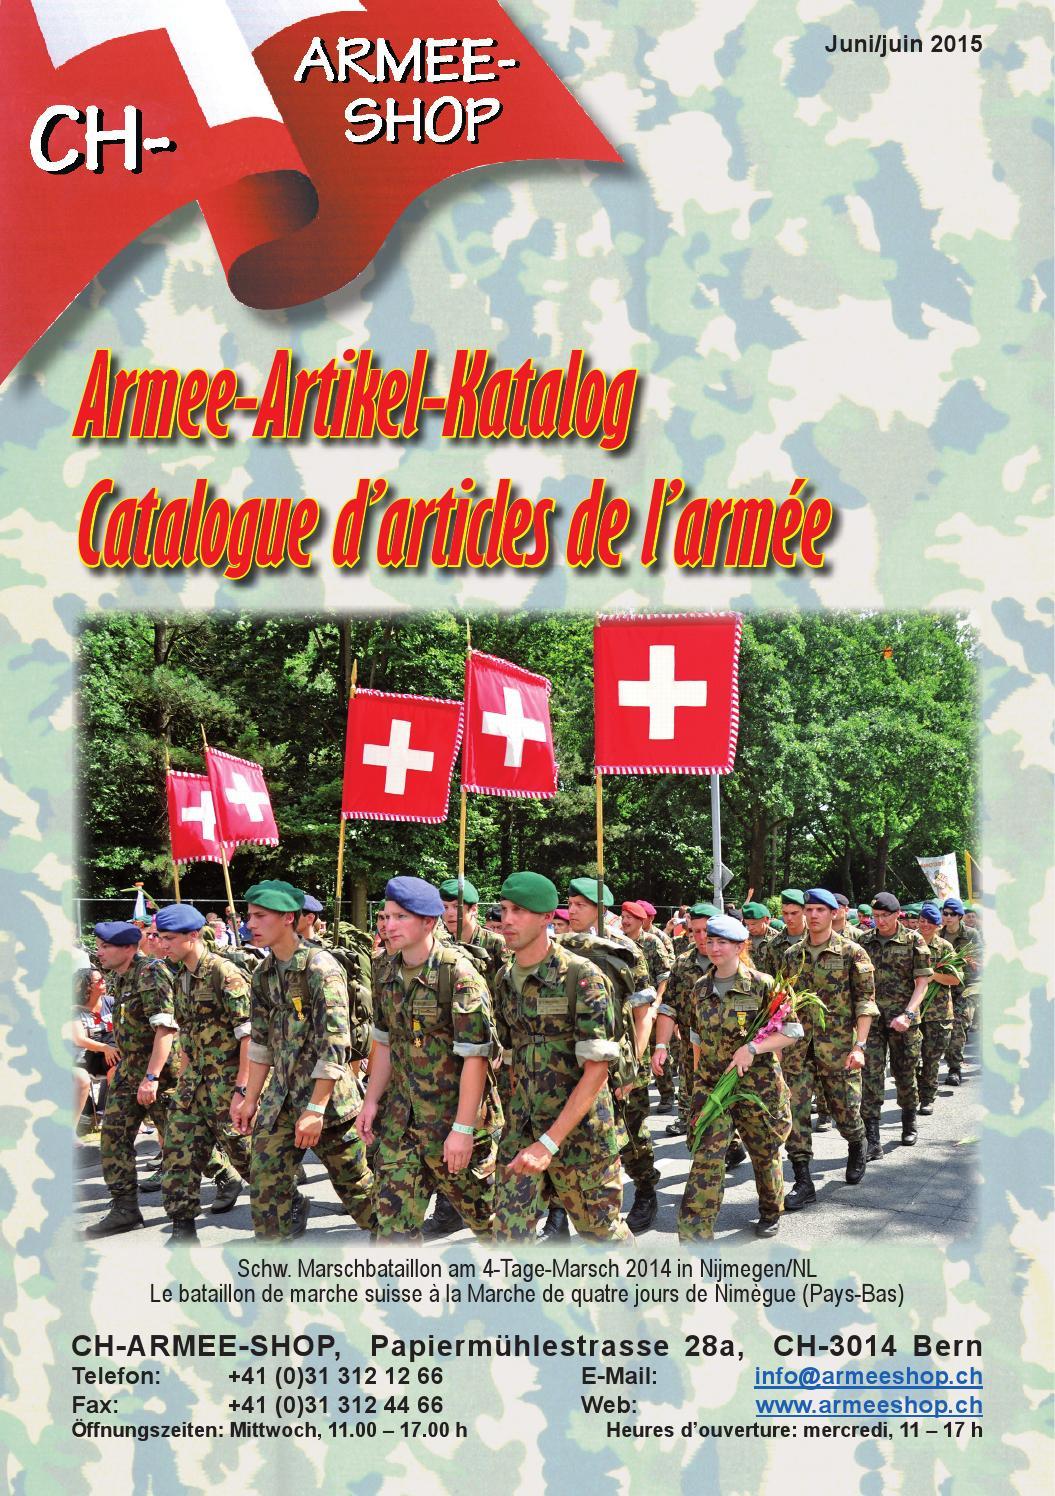 Originale gebrauchte Bo/îte /à munitions Taille 3/Le r/écipient U.S Army pour Cartouches 800/Bo/îte m/étallique Mun//Bo/îte Bo/îte en m/étal